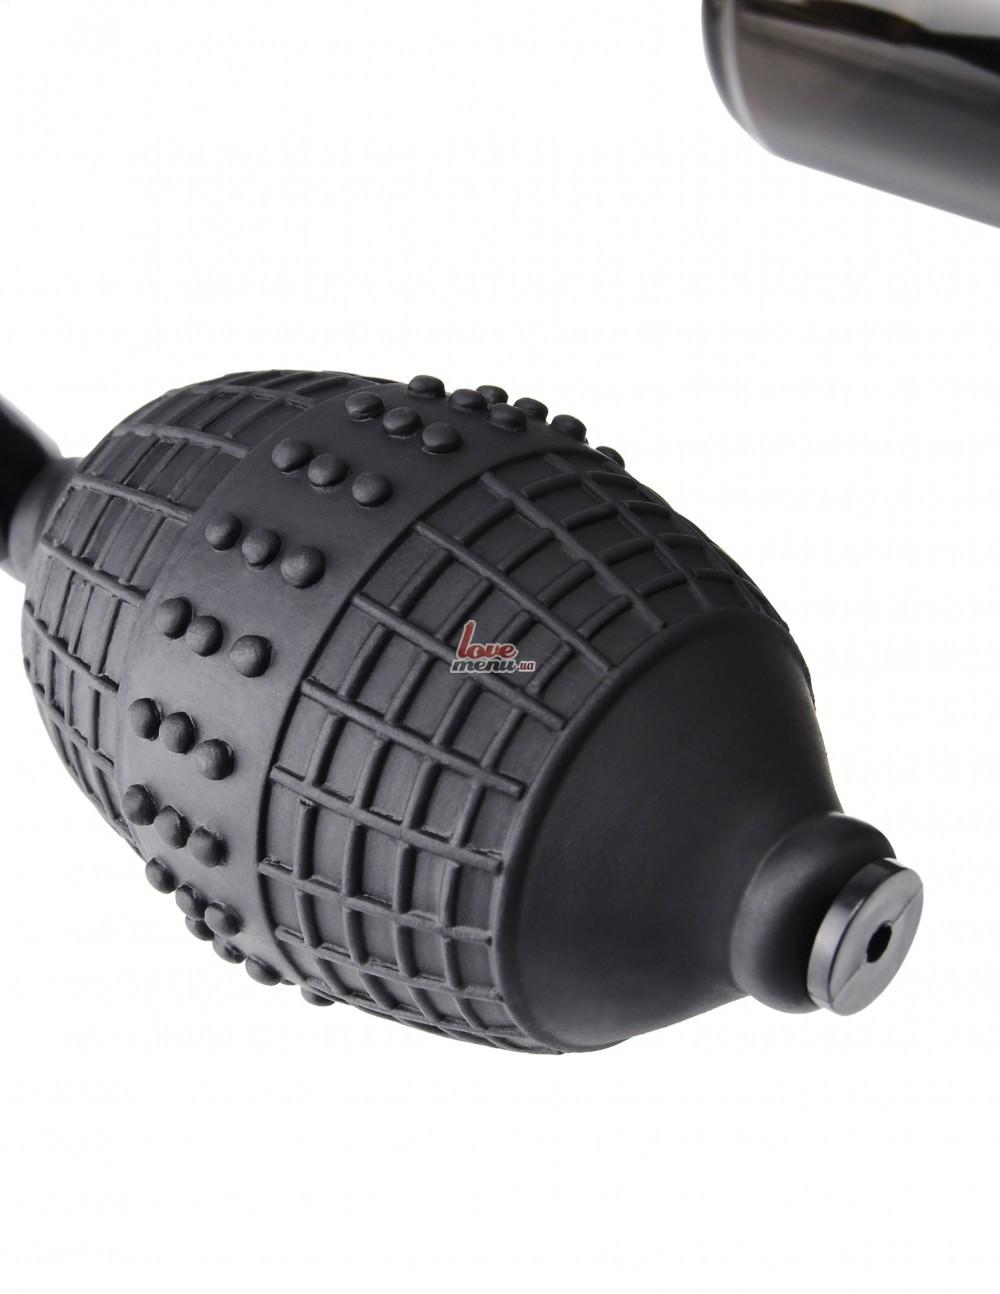 Вакуумная помпа - Pump Worx Euro Pump - 2